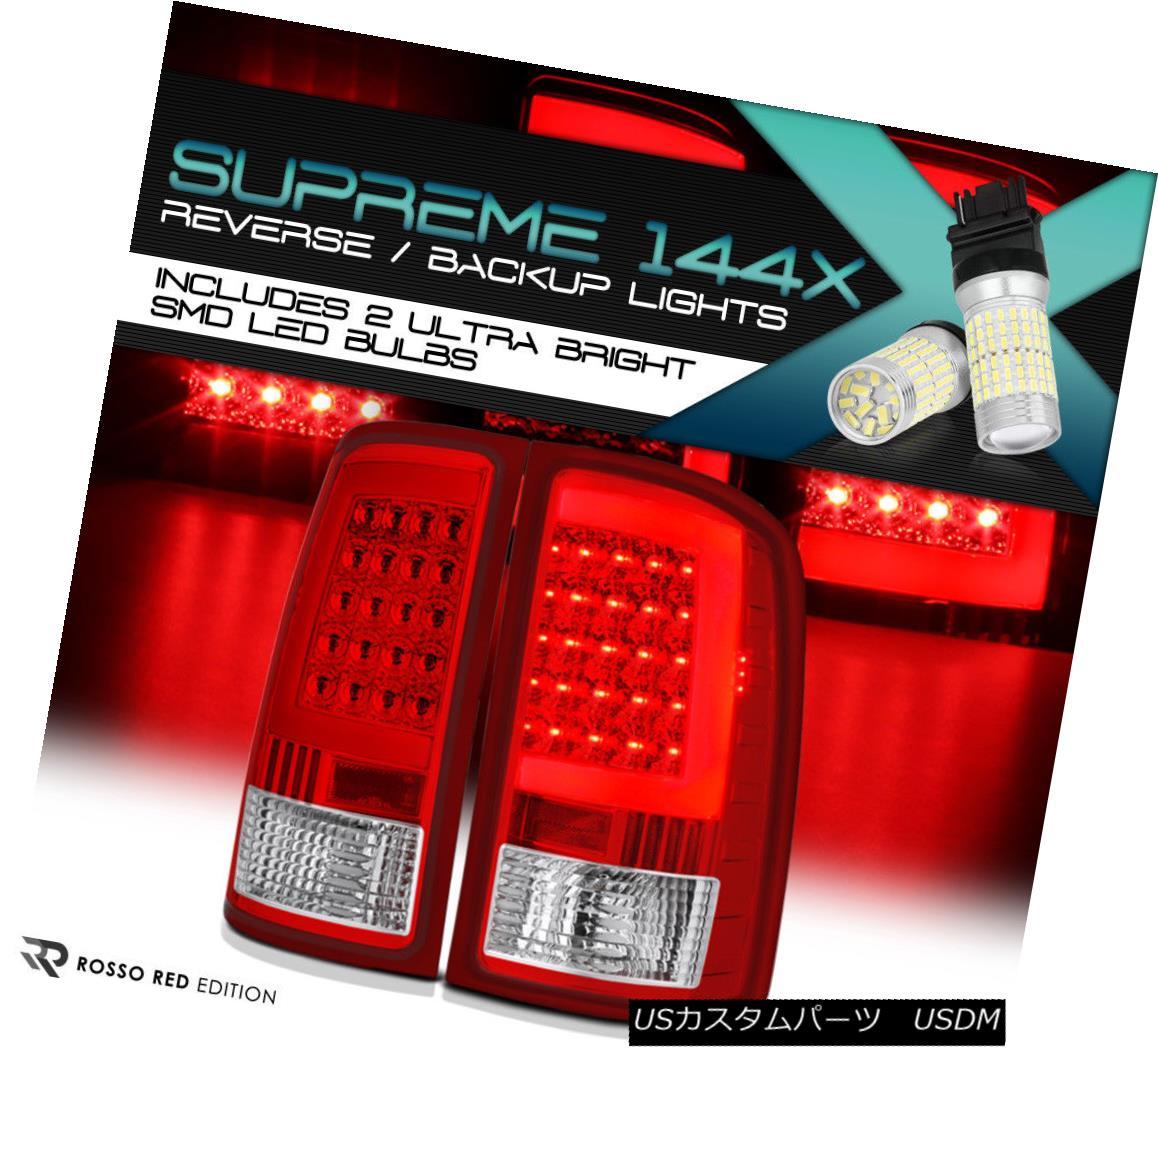 テールライト {360 Degree SMD Reverse} GMC Sierra 07-13 LED Tube Rear Tail Lamps Brake Signal {360度SMDリバース} GMC Sierra 07-13 LEDチューブリアテールランプブレーキ信号